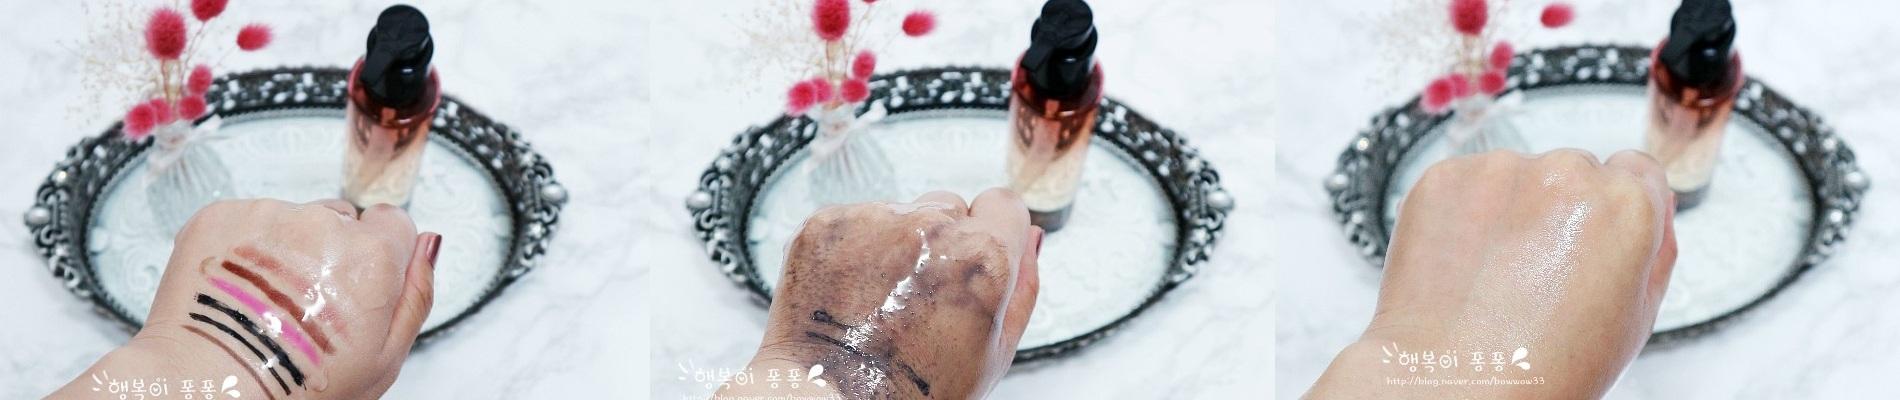 無論是防水或持久型的彩妝都能輕易的卸除,水潤的質地,能深層清潔,敏感肌也能使用~